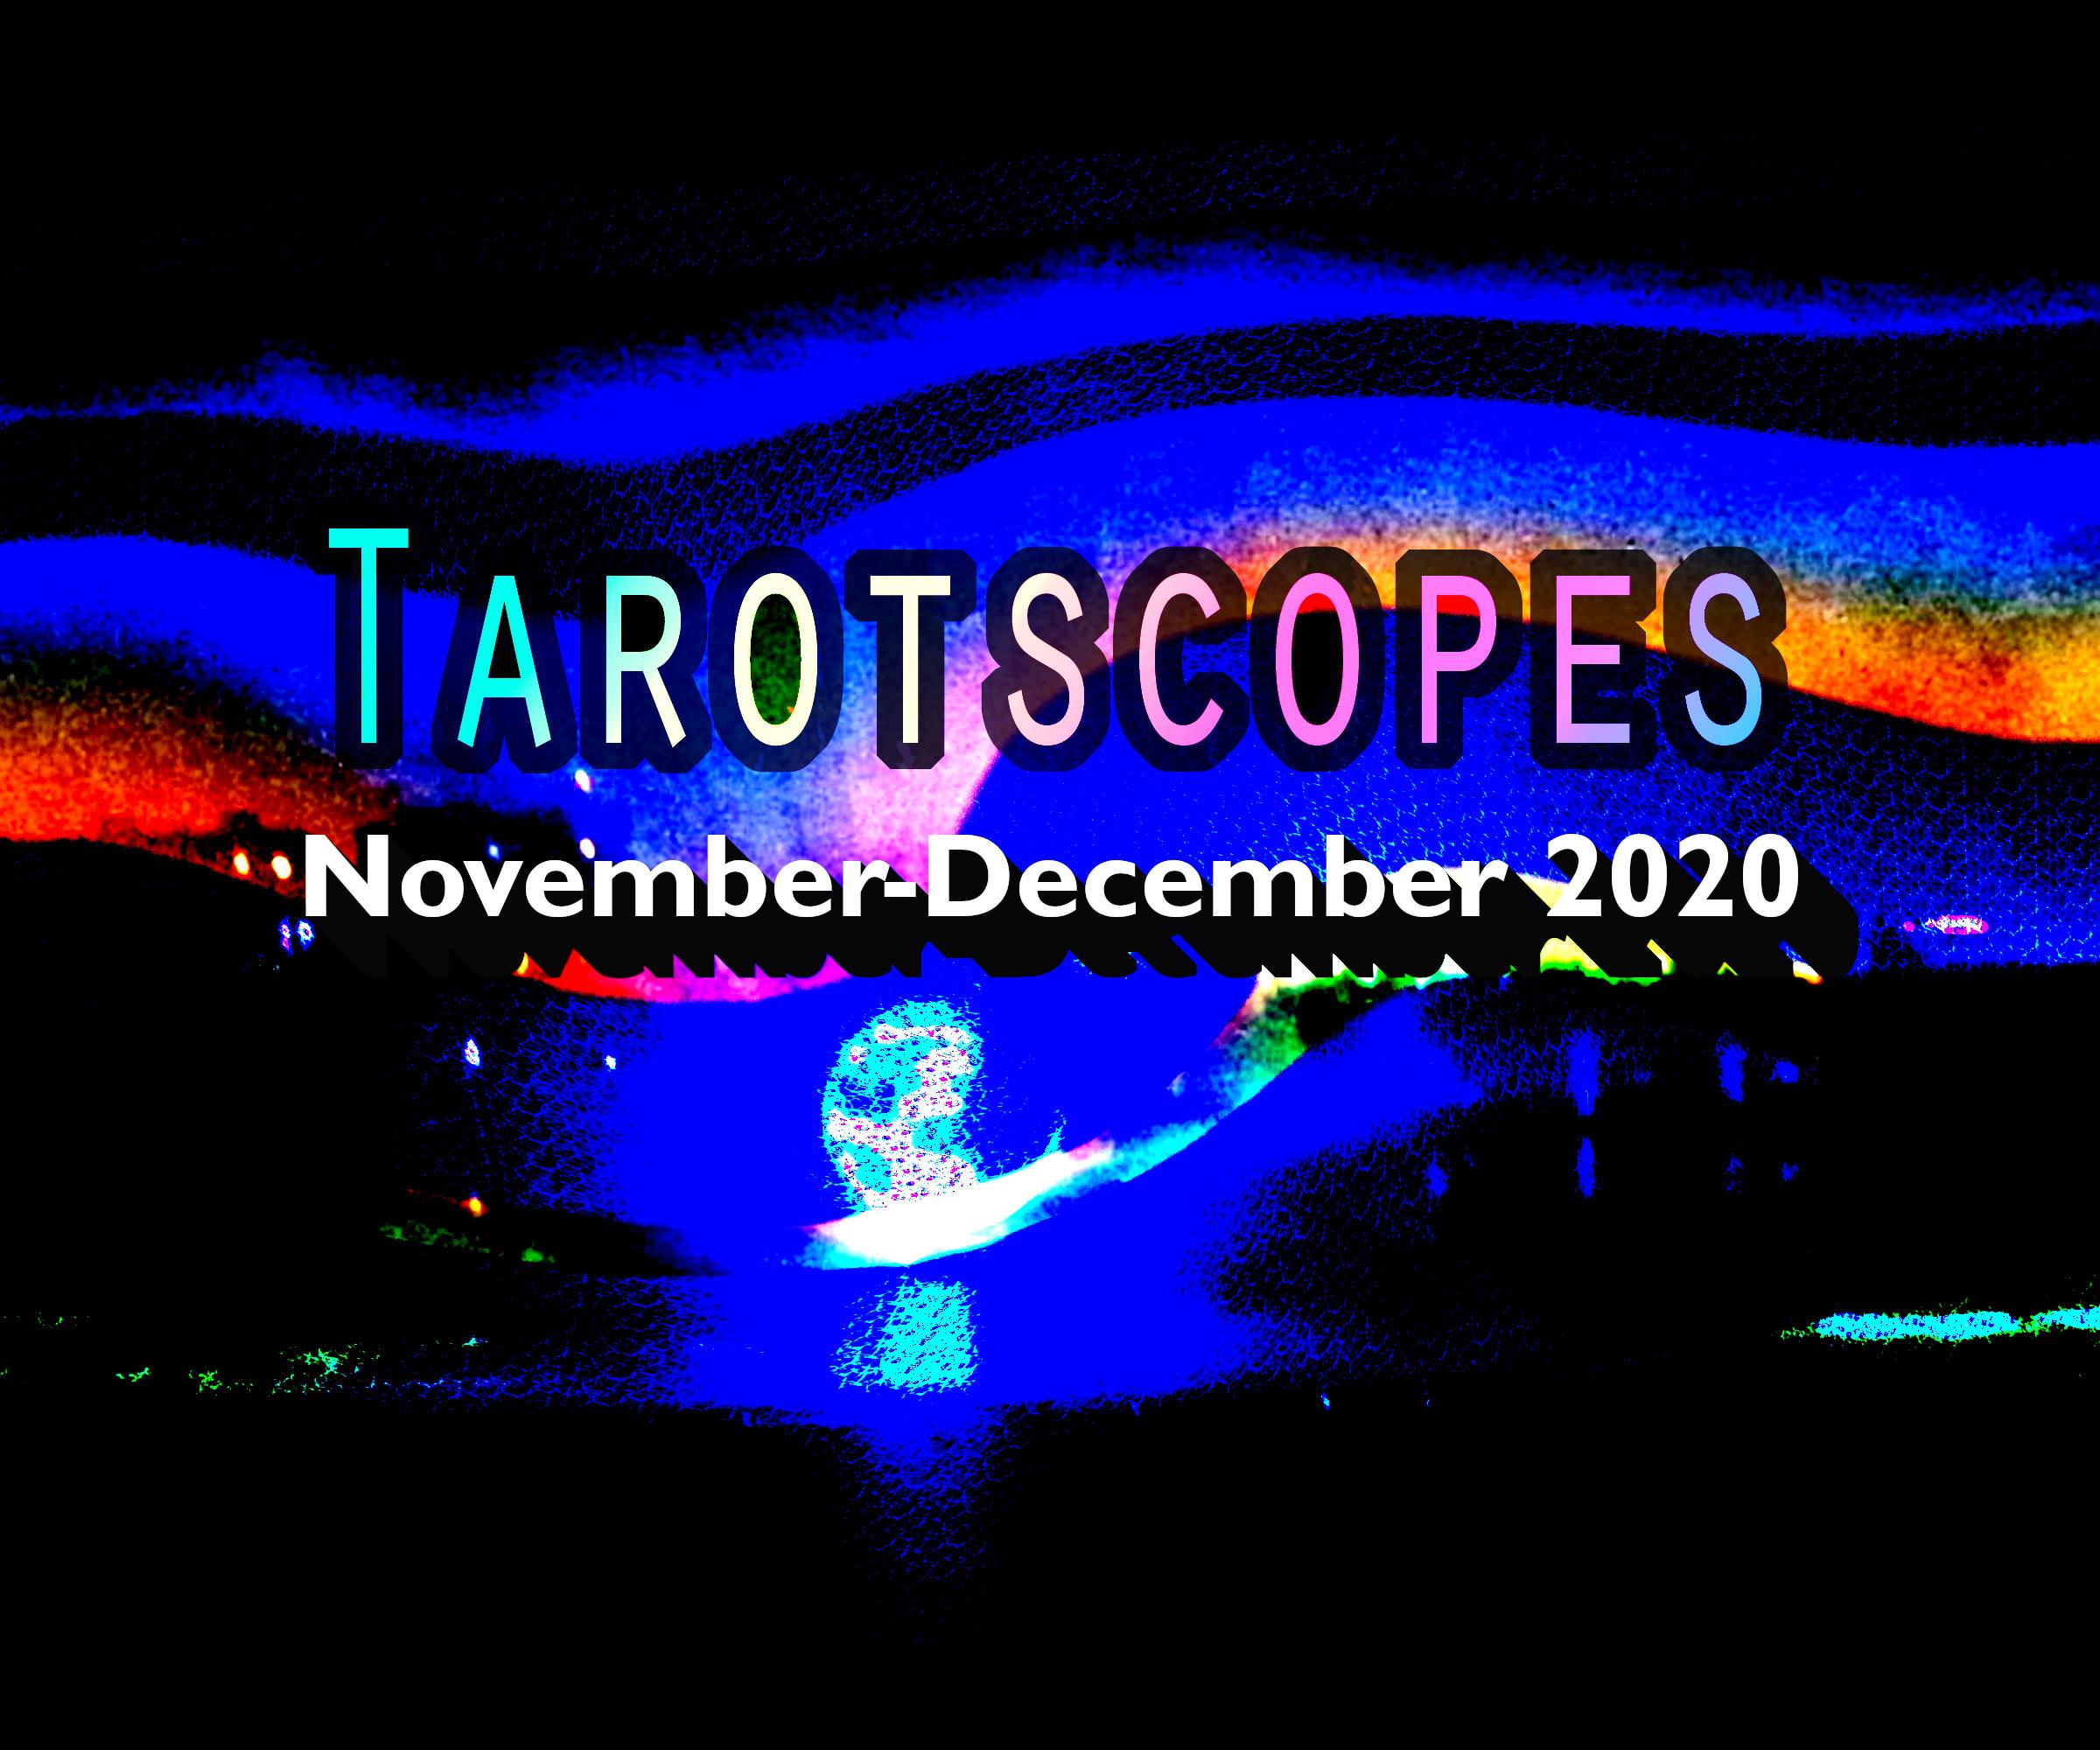 Tarotscopes November to December 2020